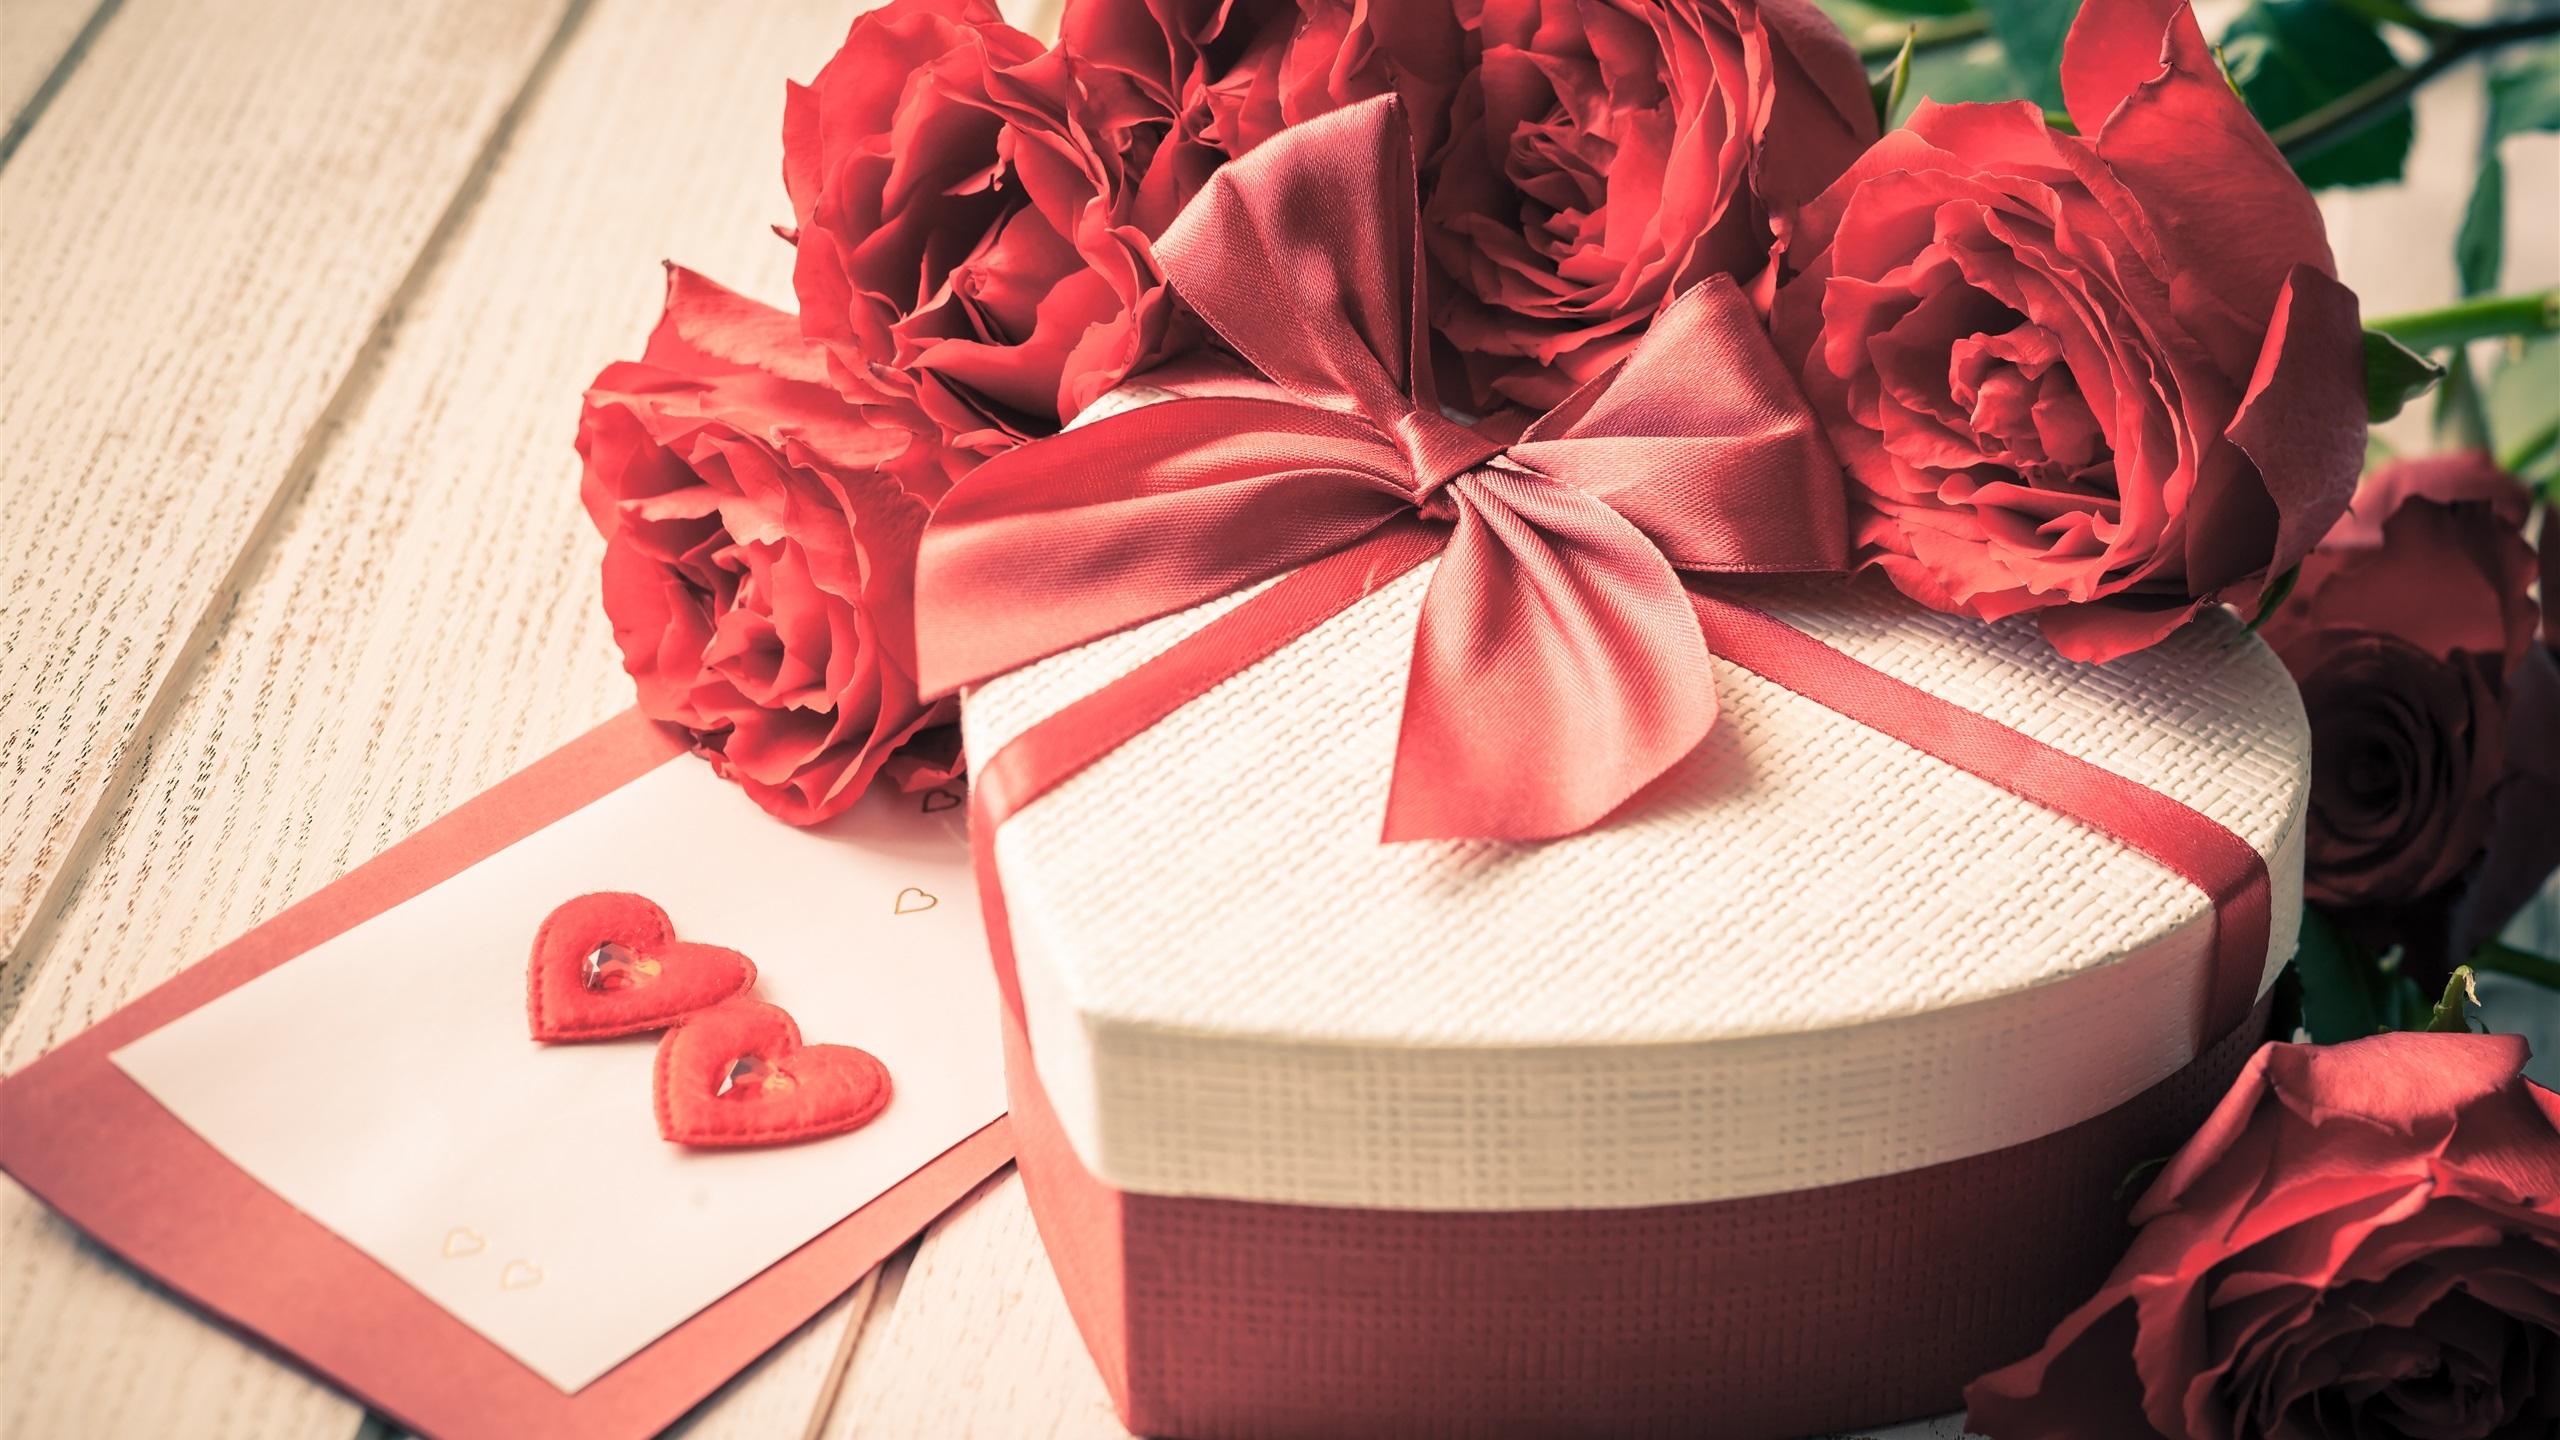 открытка с днем рождения с цветами и подарком